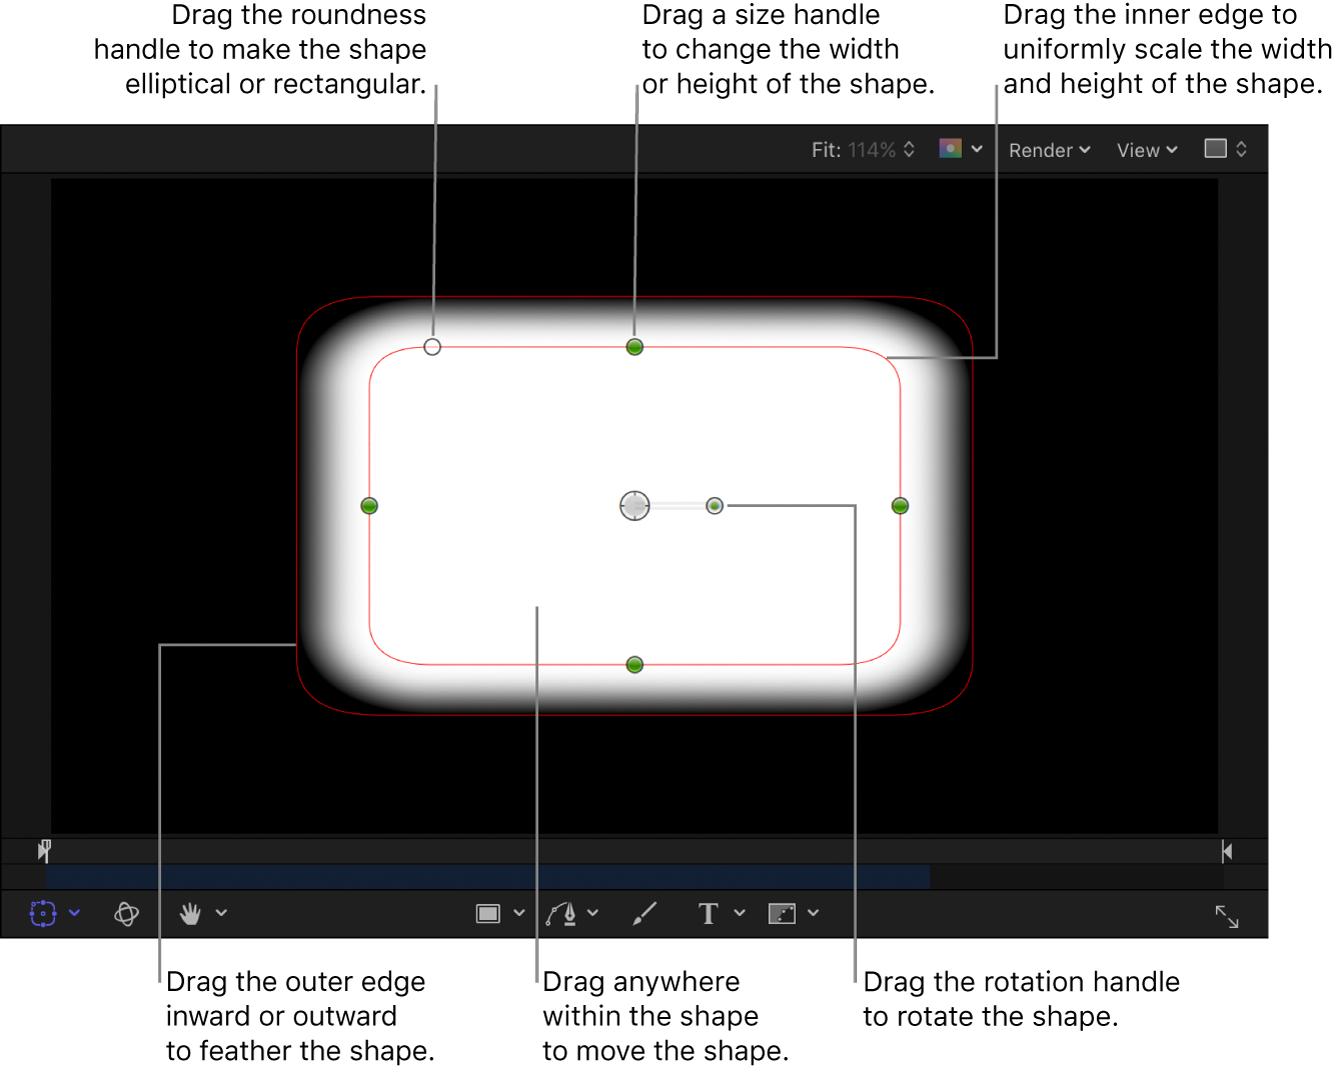 Controles en pantalla para escalar, suavizar, girar y redondear una figura simple